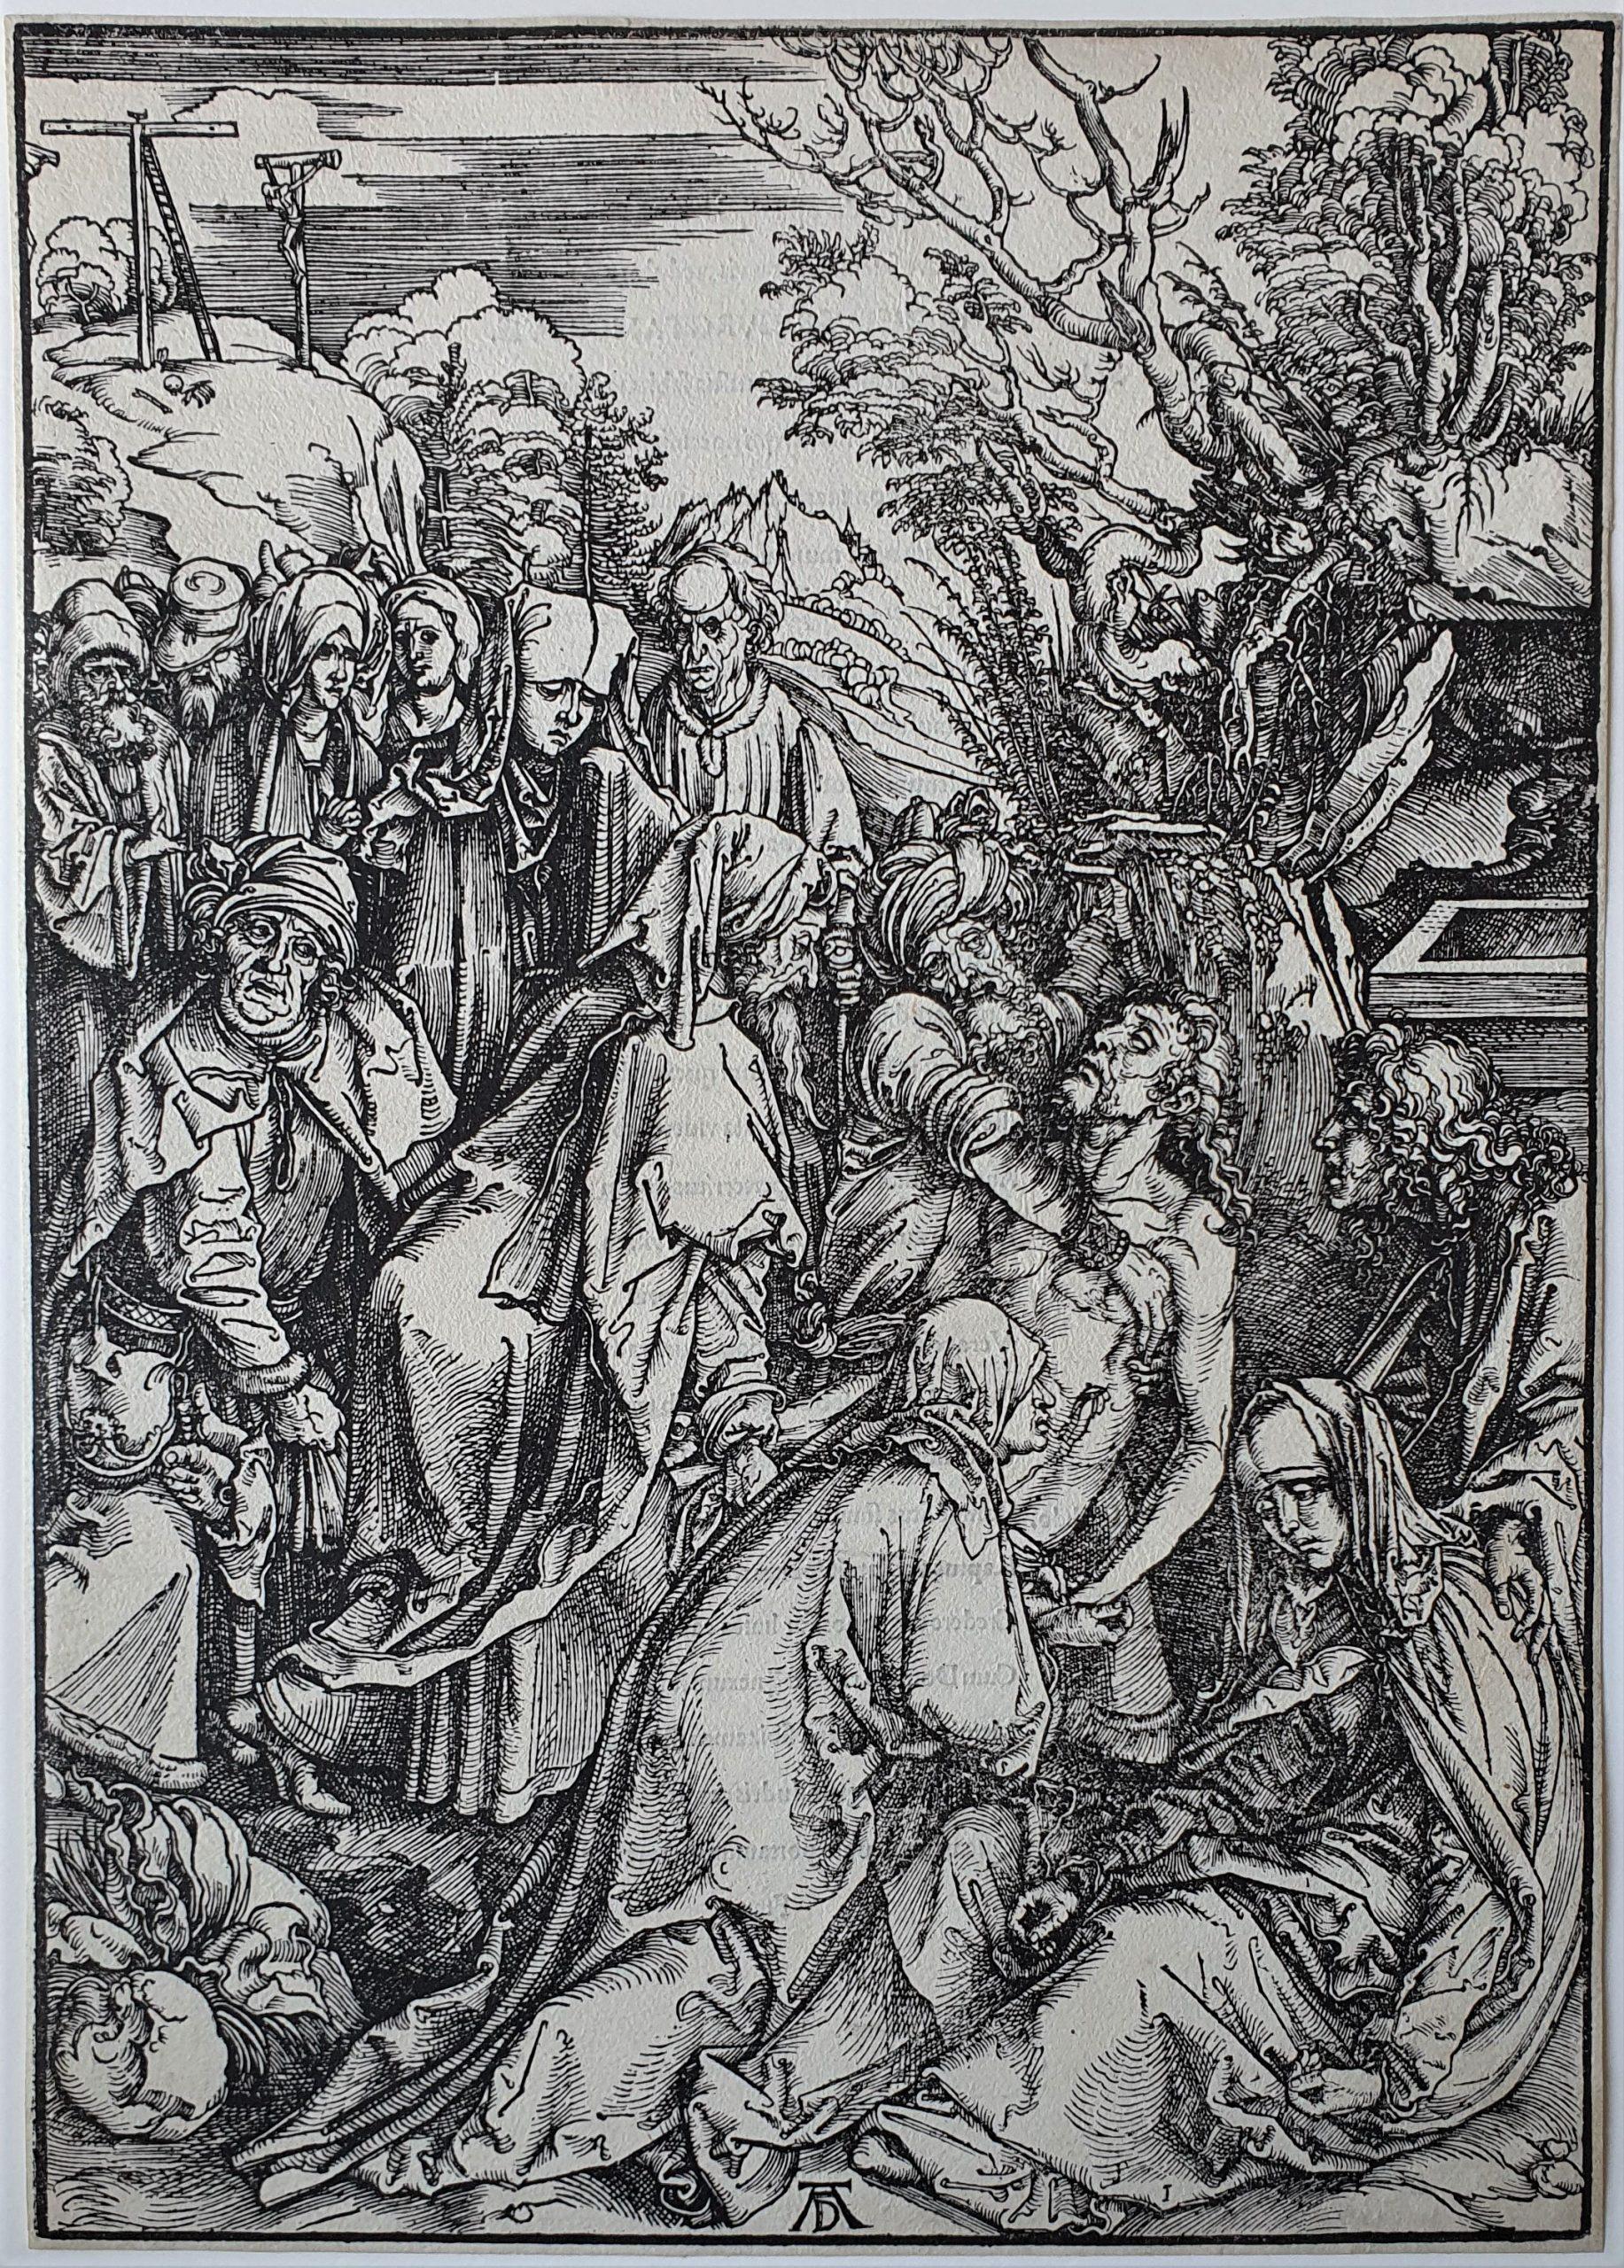 The Entombment by Albrecht Durer